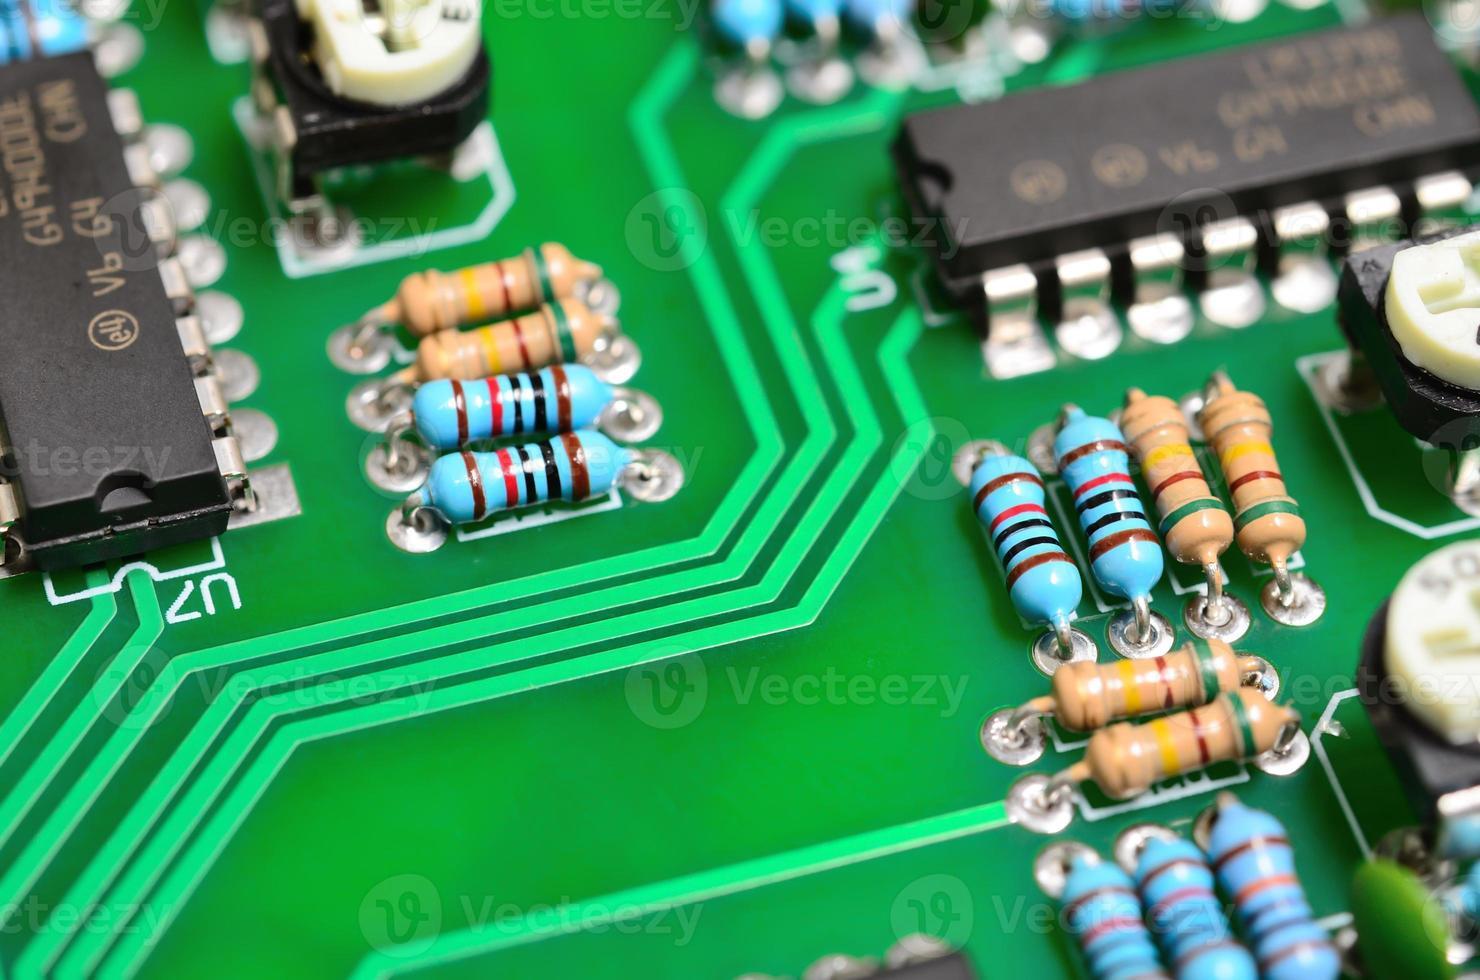 dettaglio di un circuito stampato elettronico foto